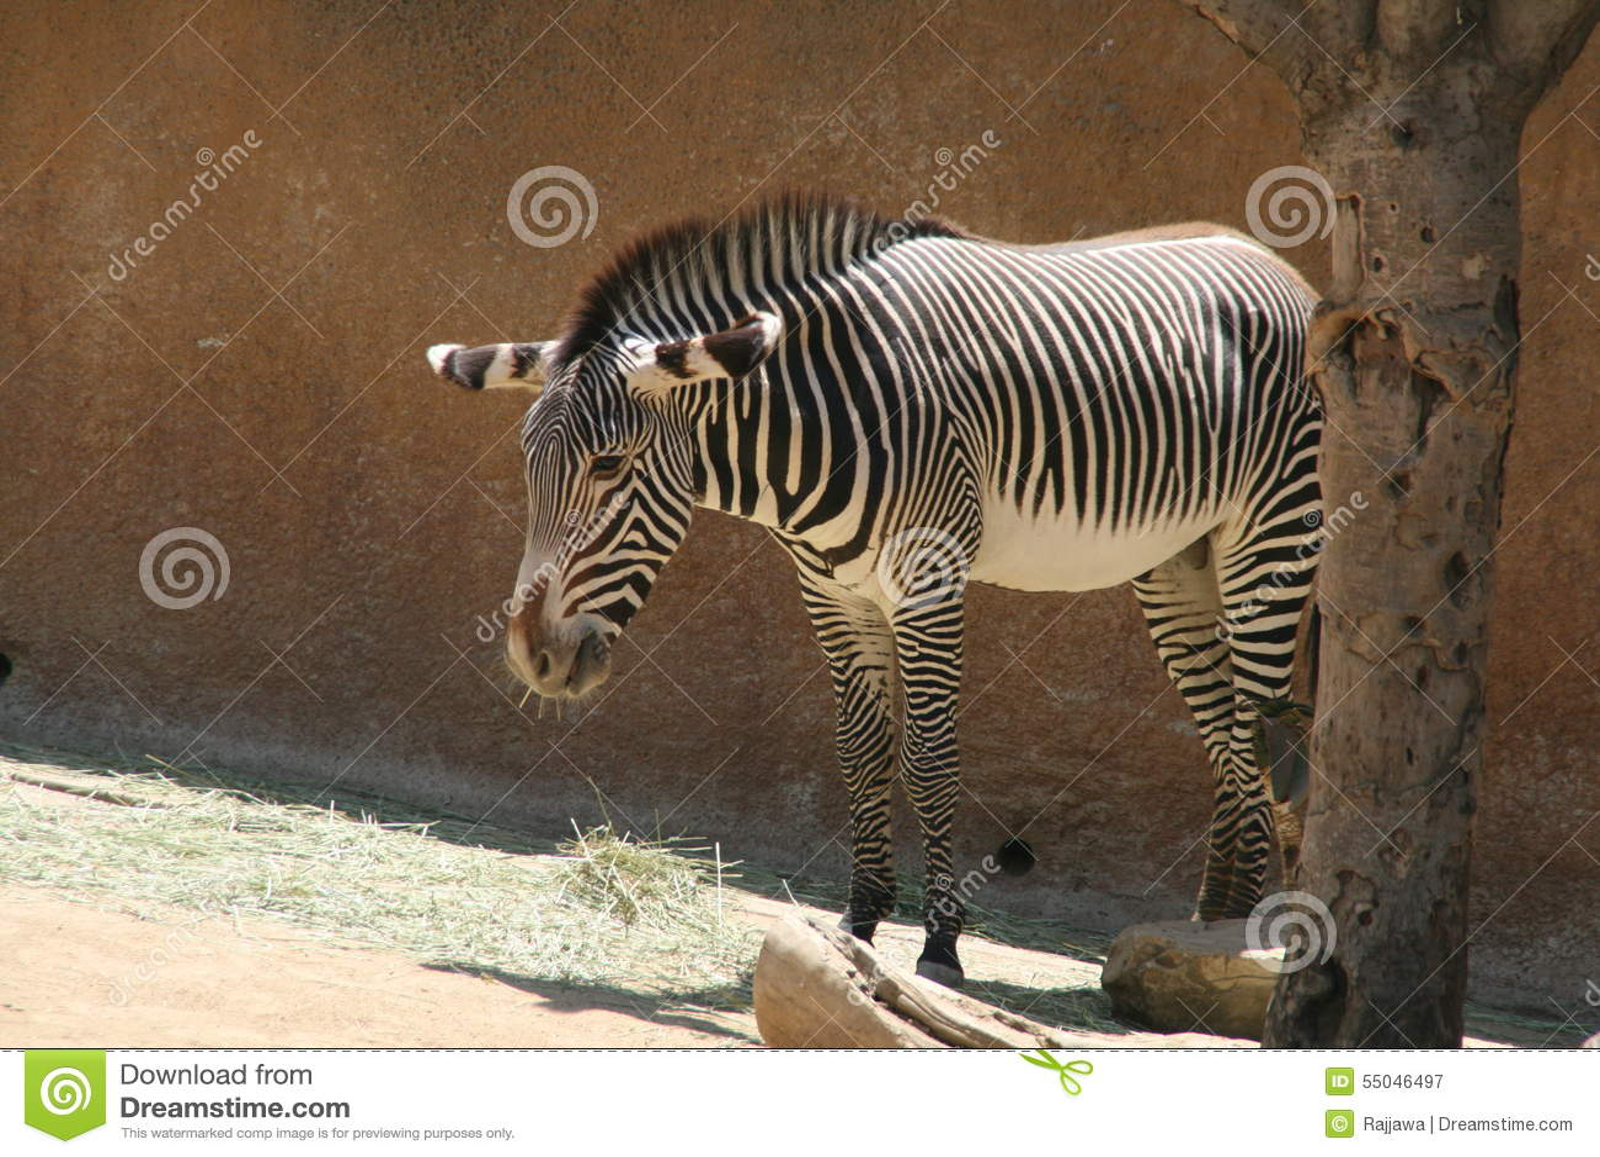 Cebra Que Come La Hierba - Parque Zoológico De Los Ángeles Imagen de ...